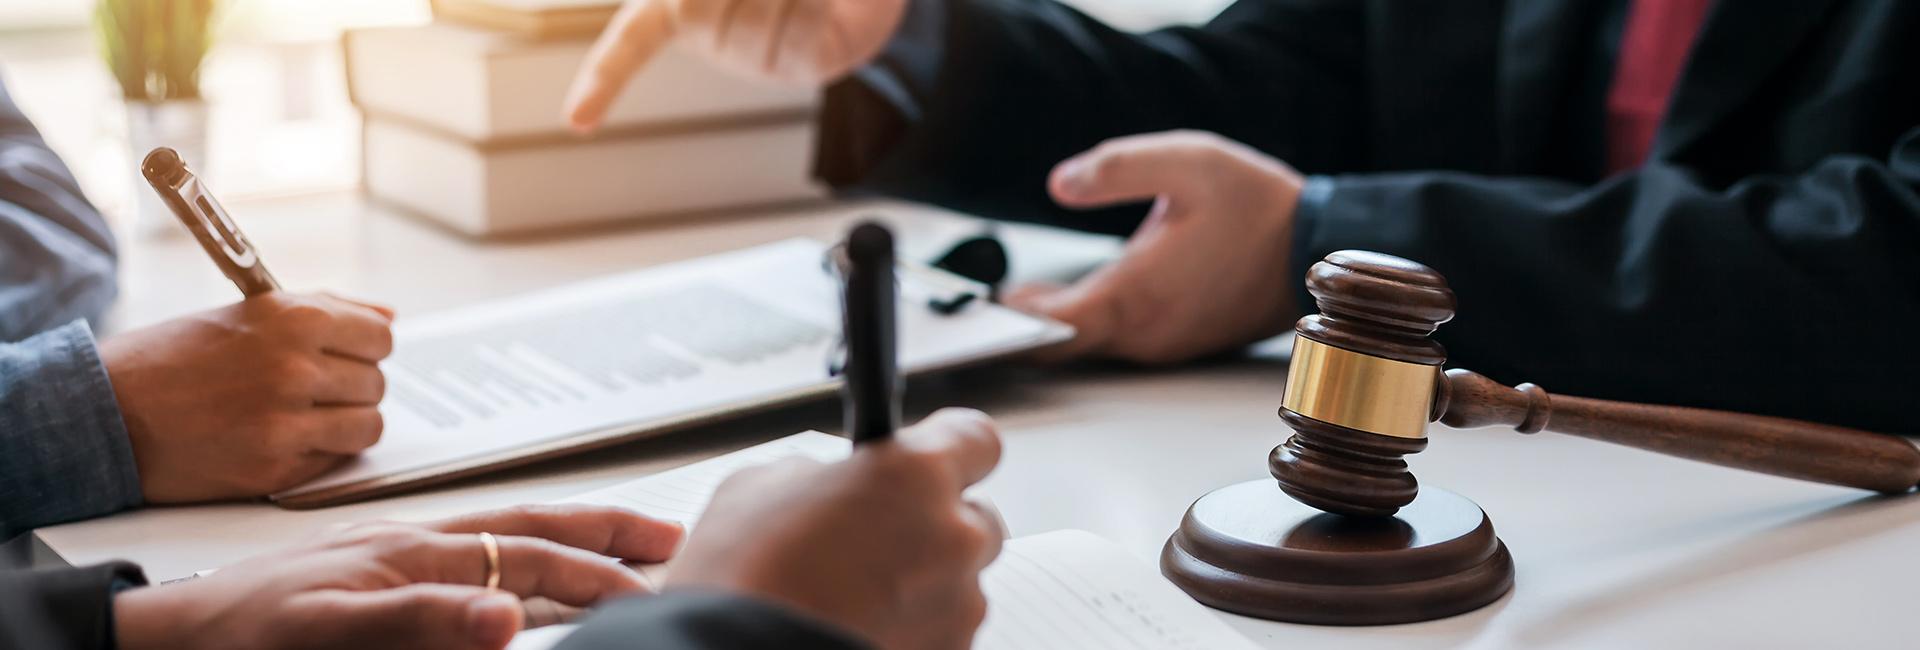 Criminal Defense Lawyer in El Paso